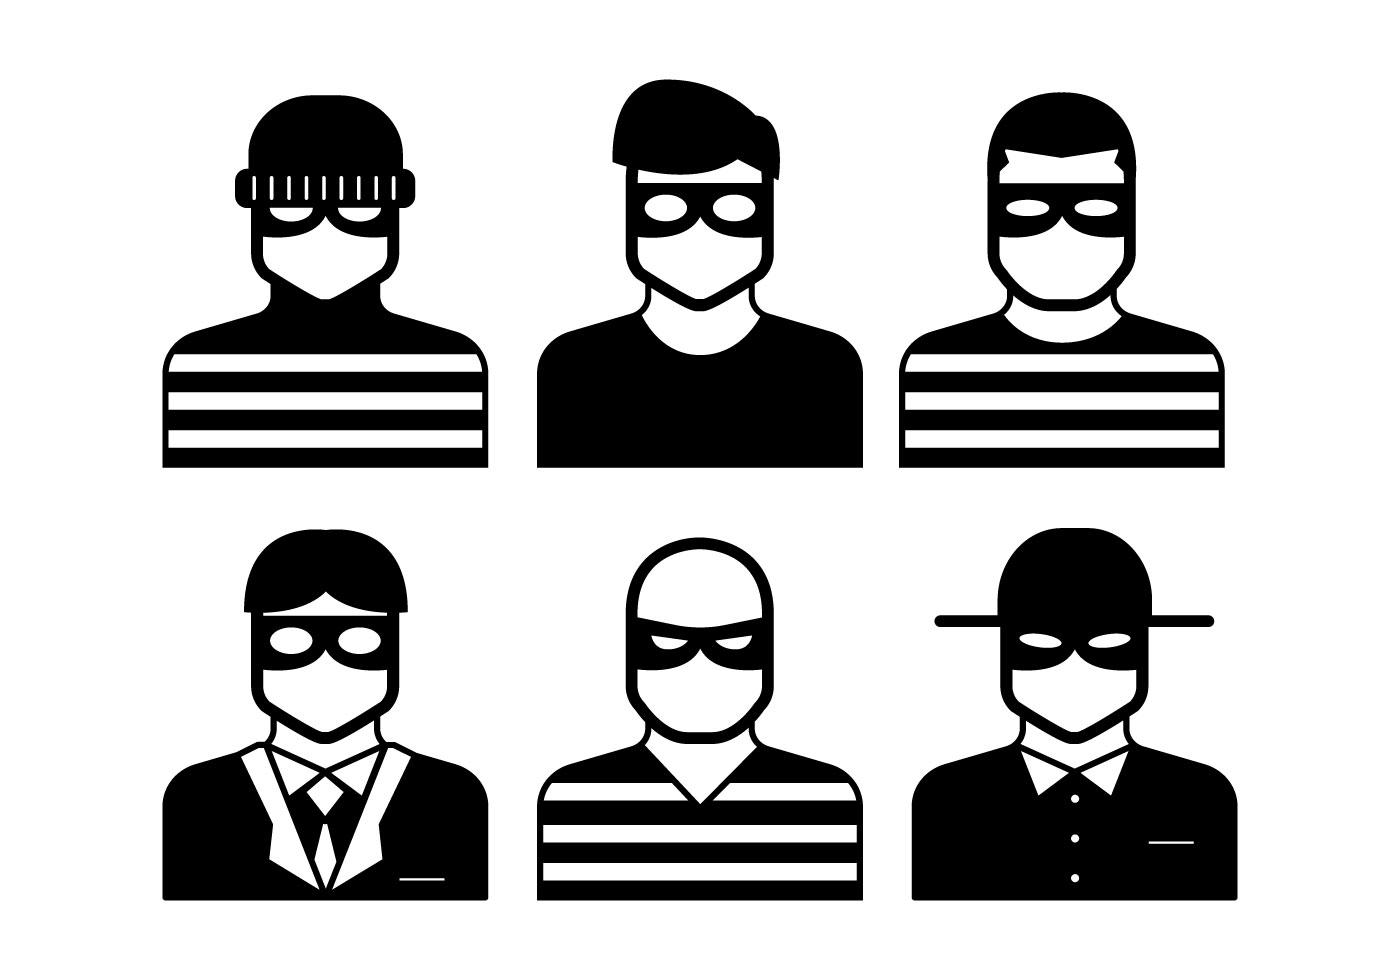 Robber outline clipart jpg free stock Robber Free Vector Art - (835 Free Downloads) jpg free stock